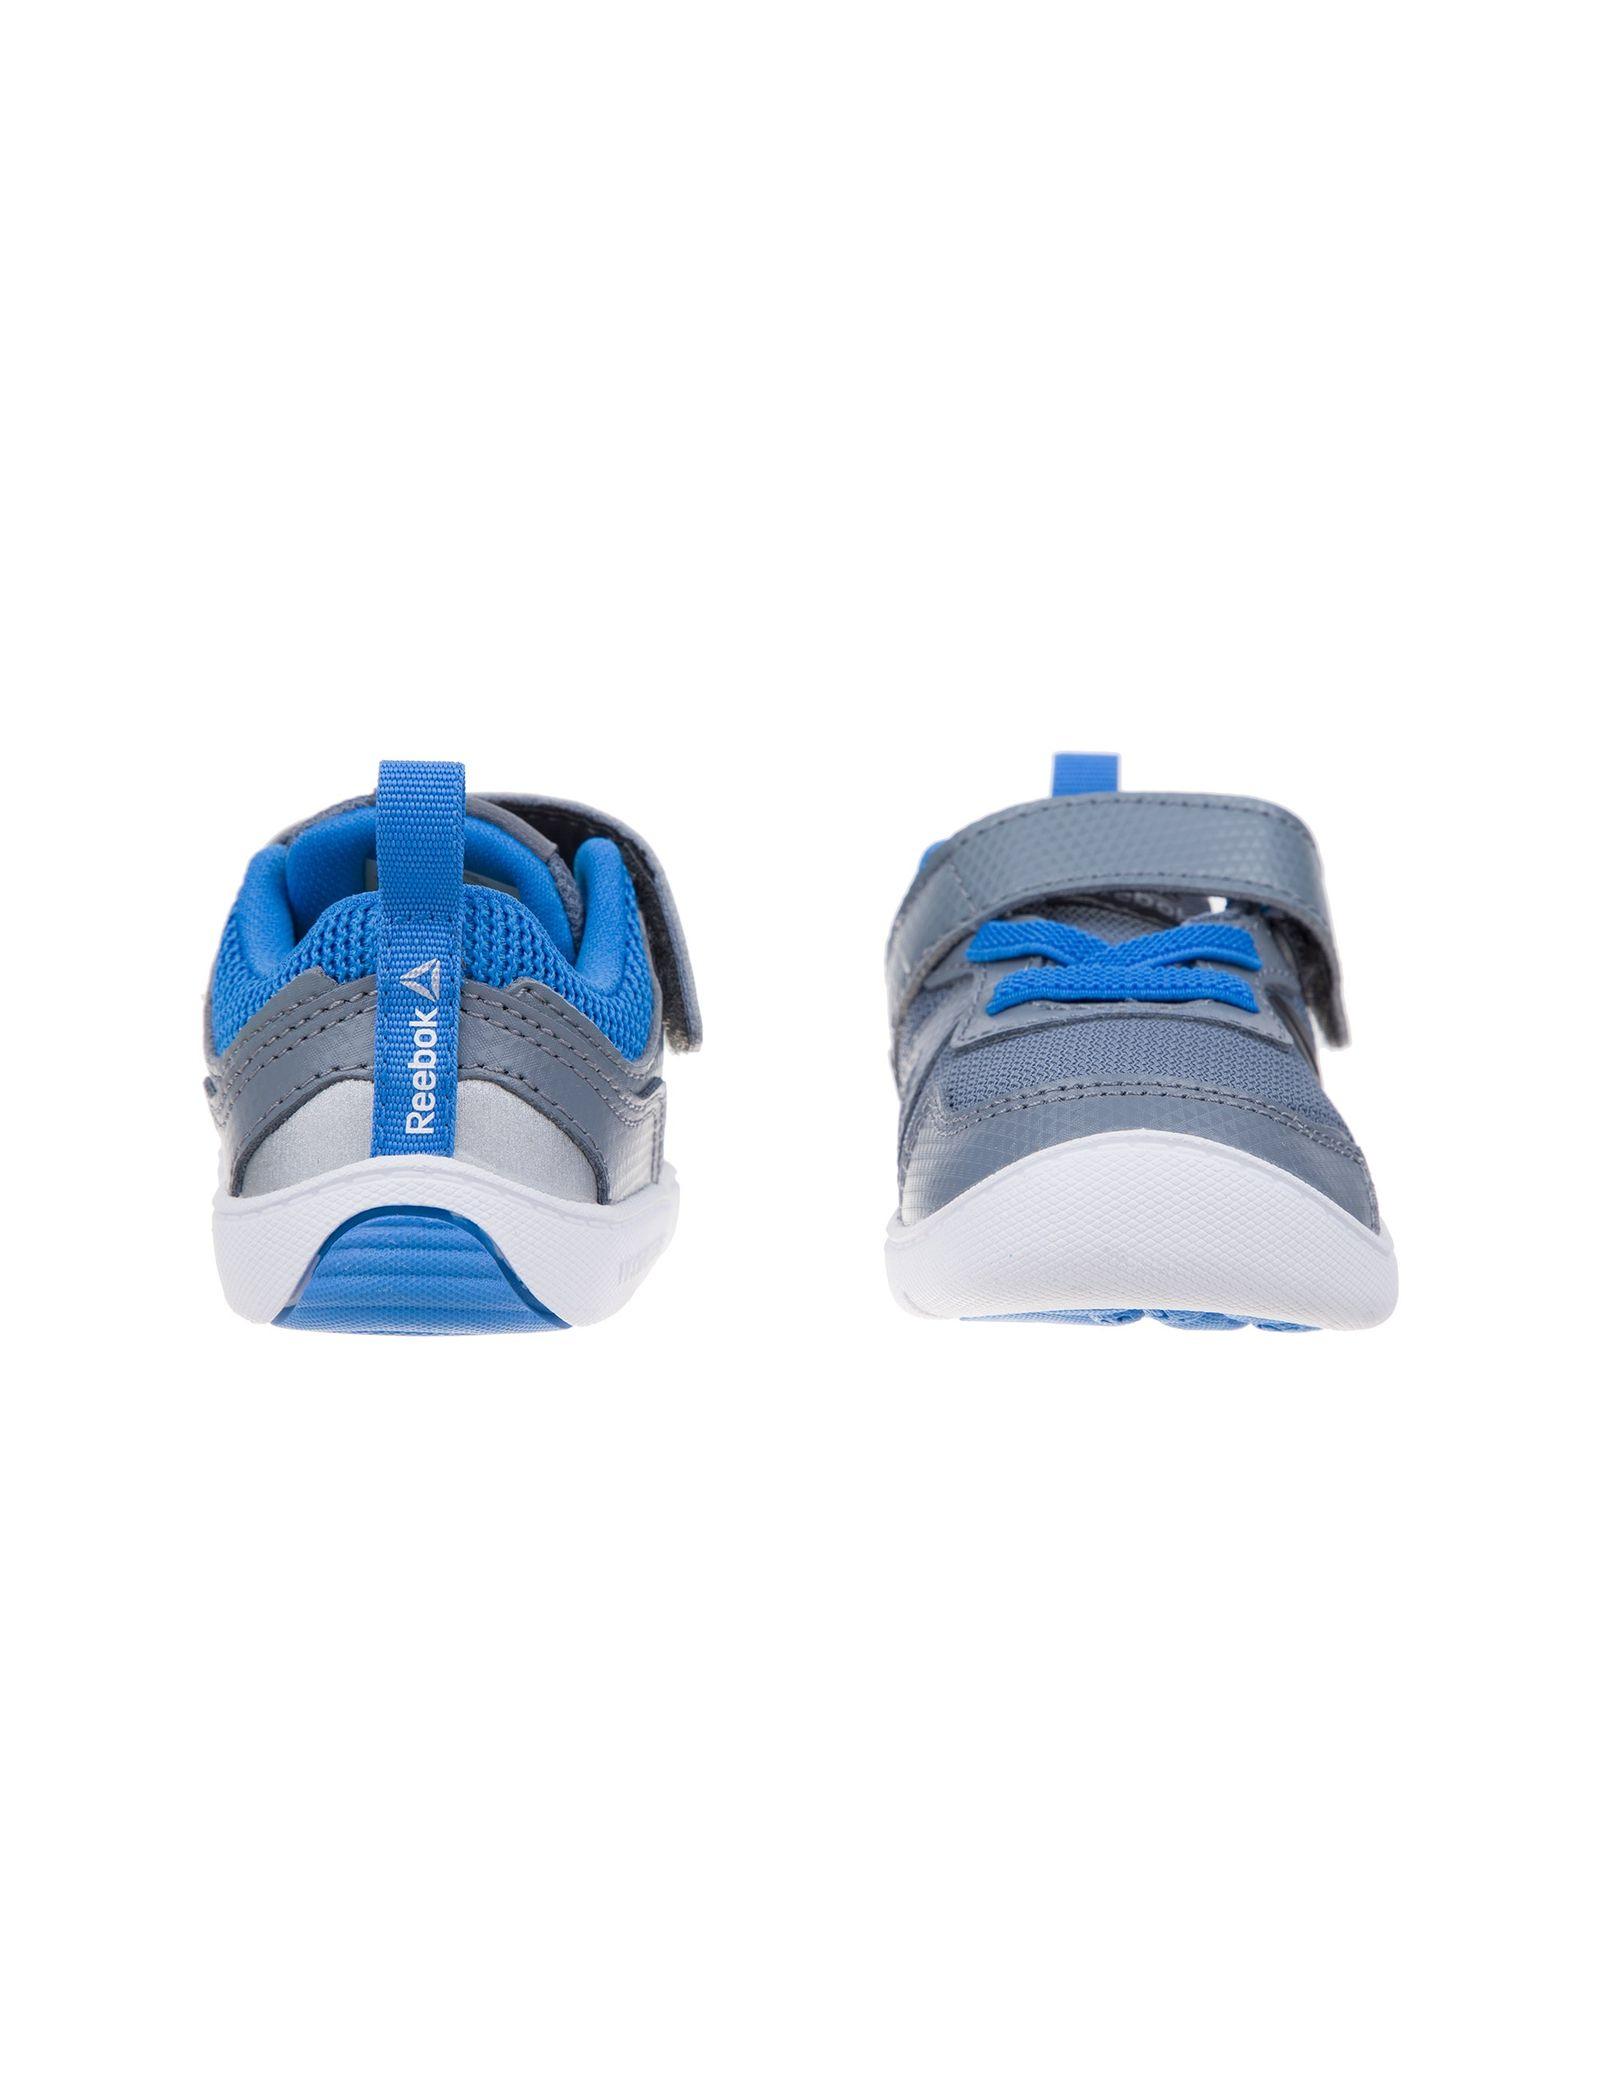 کفش ورزشی بندی پسرانه STRIDE - ریباک -  - 5